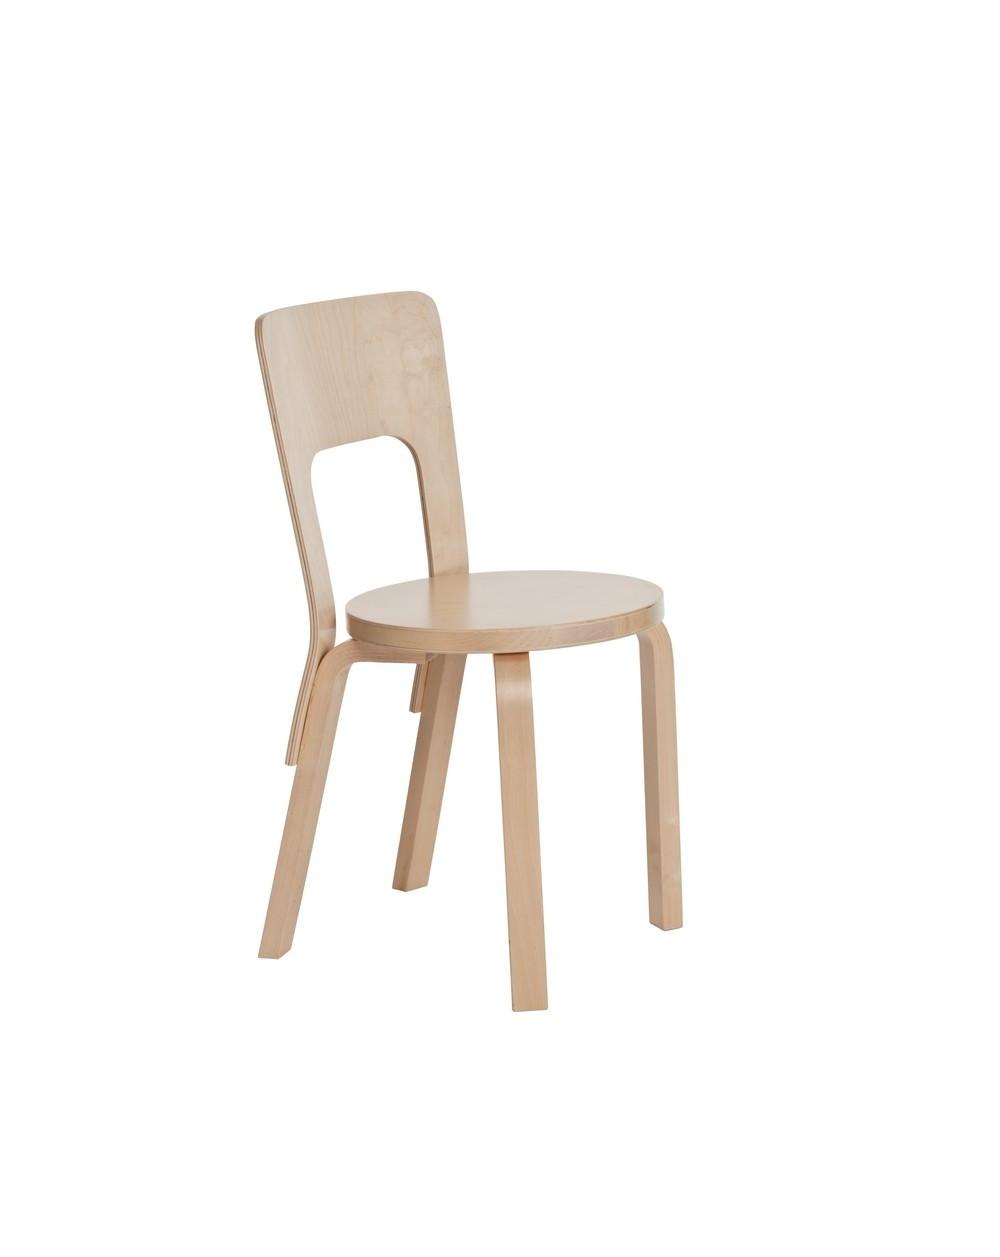 Chair 66 Alvar Aalto Design For Artek La Boutique Danoise